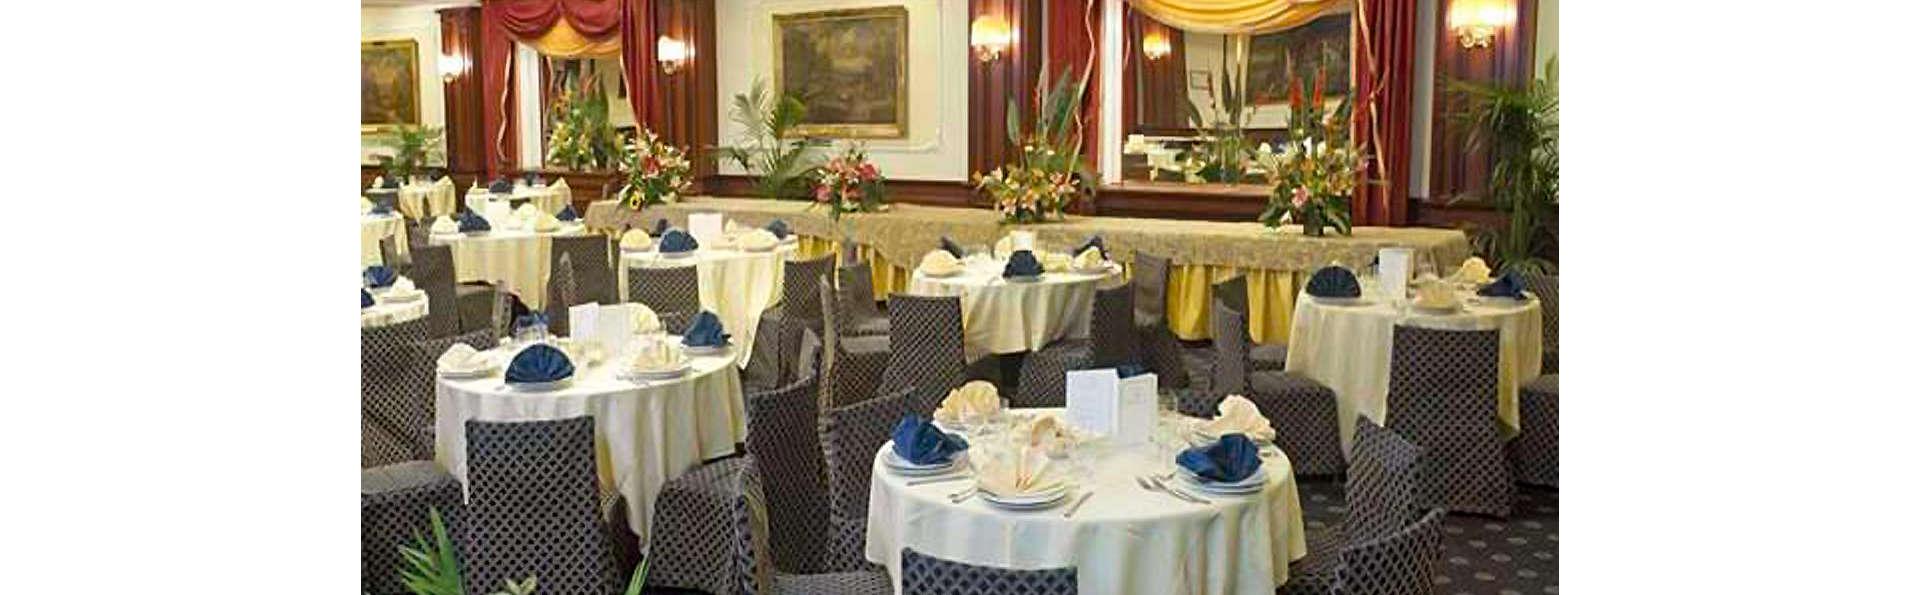 Hotel Regent - EDIT_RESTAURANT_01.jpg